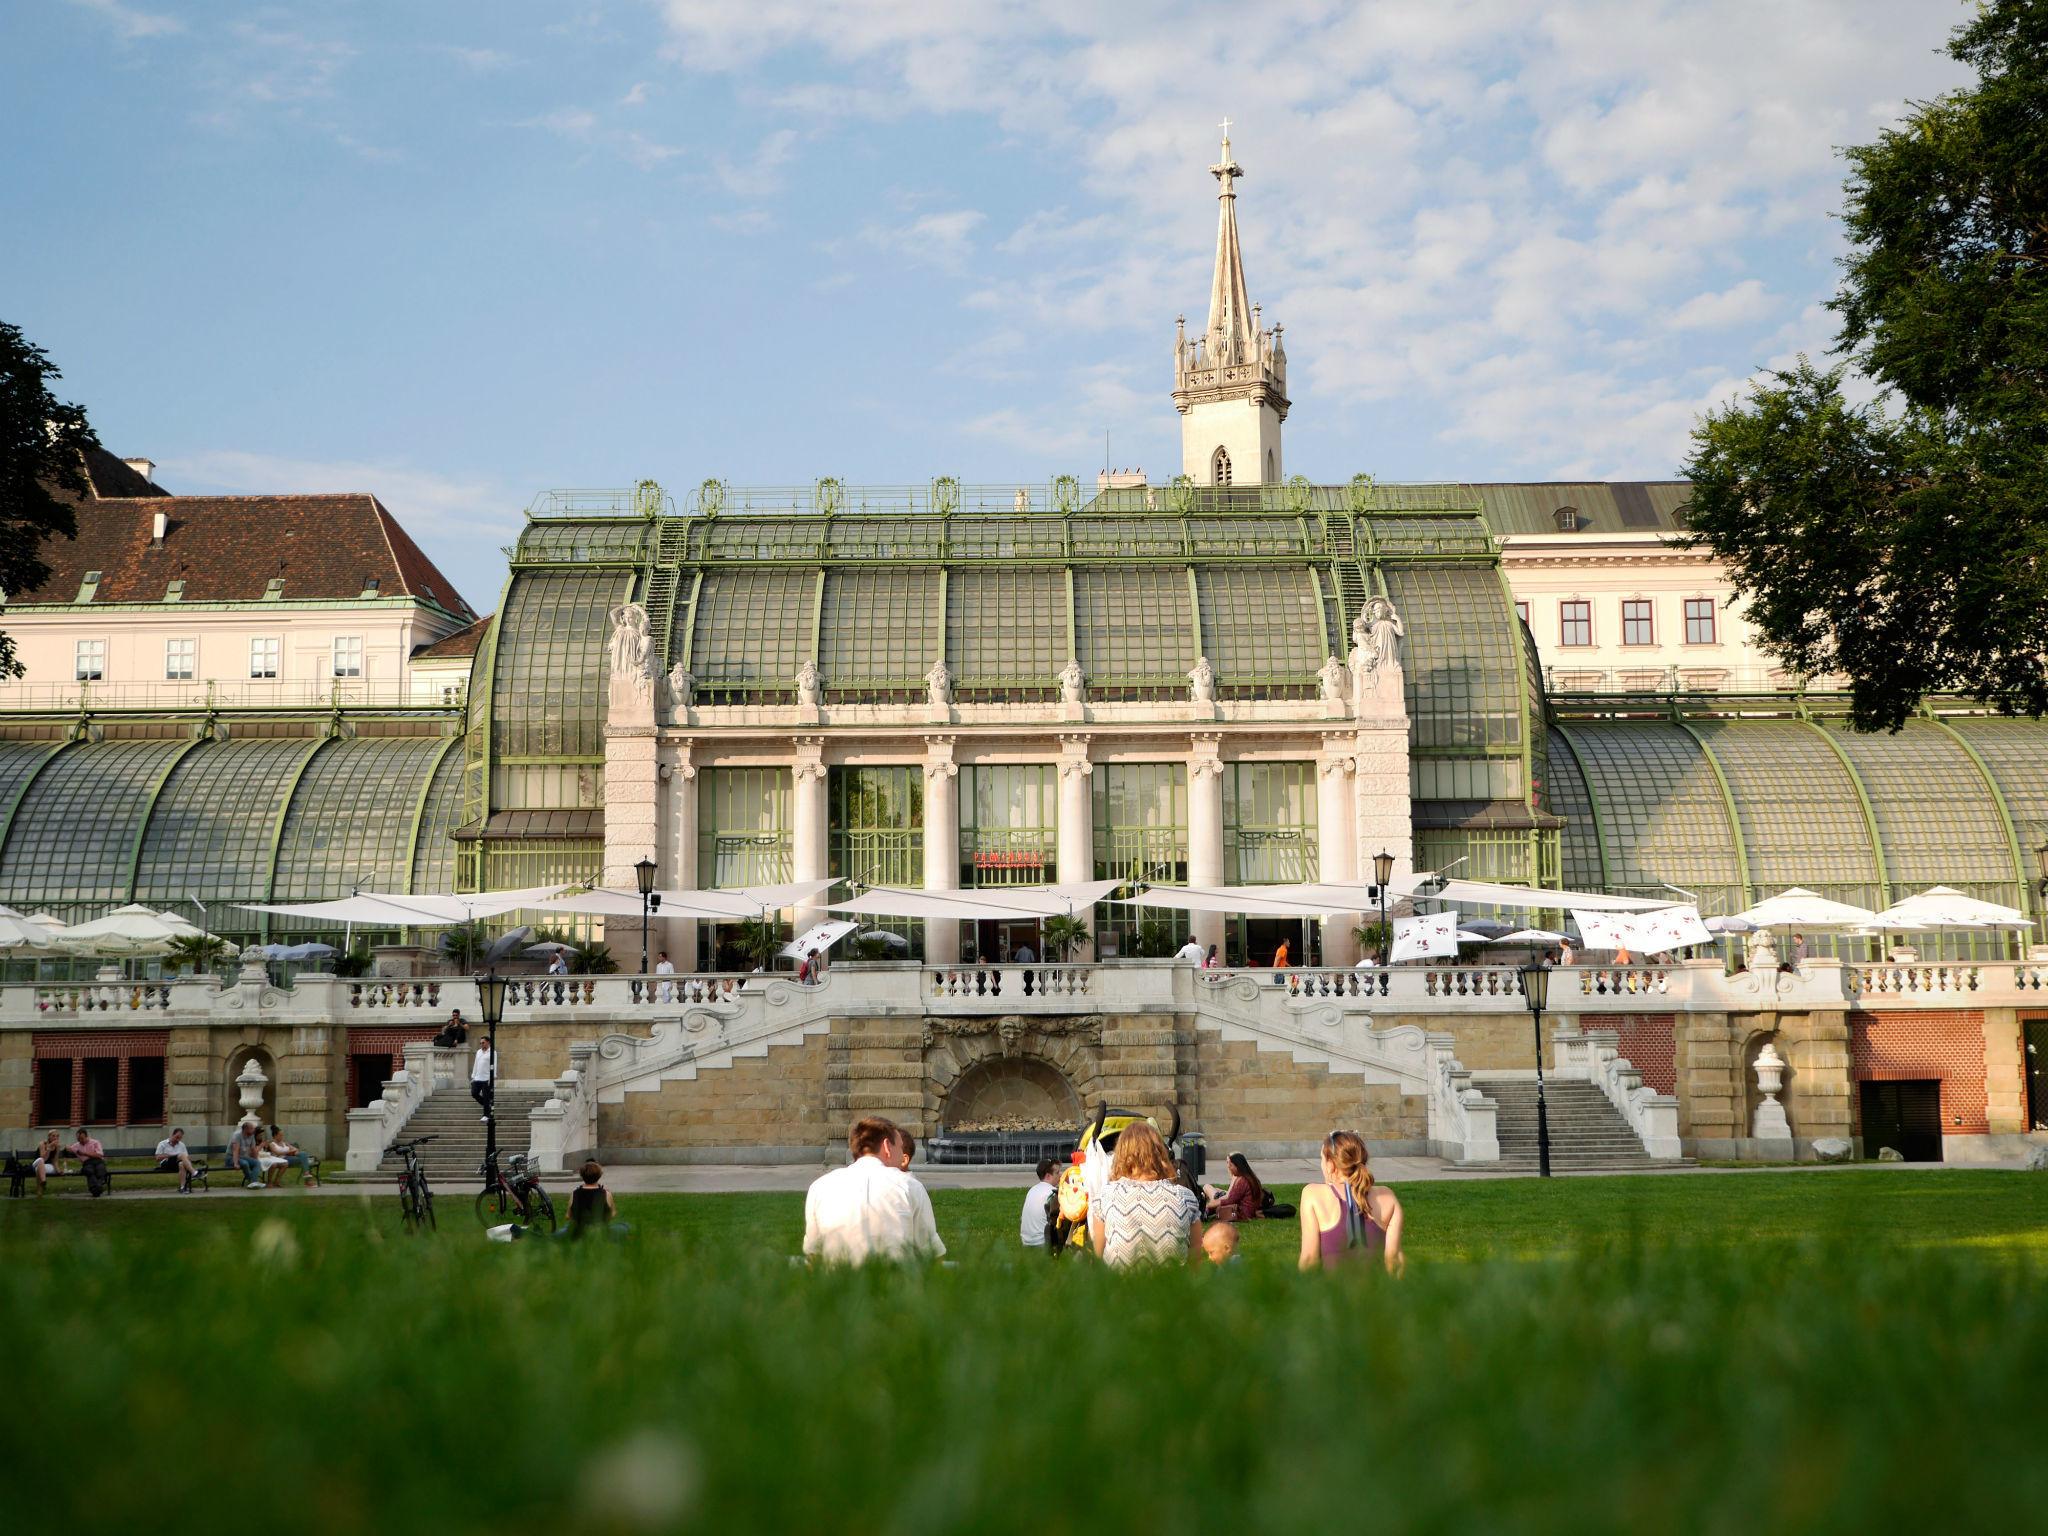 palmenhaus vienna - Must See Wien